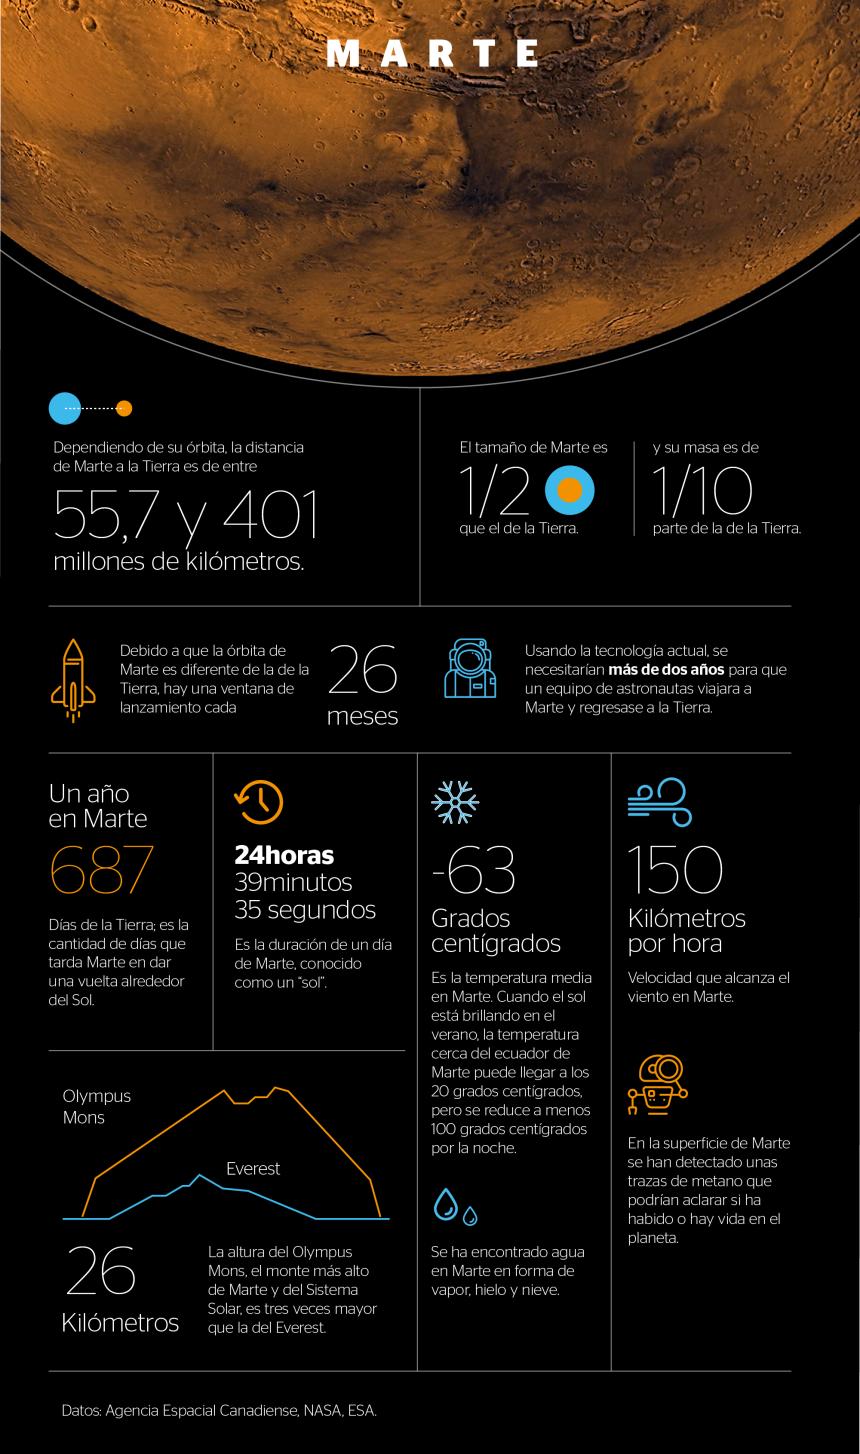 Marte: algunos datos que debes conocer sobre este Planeta